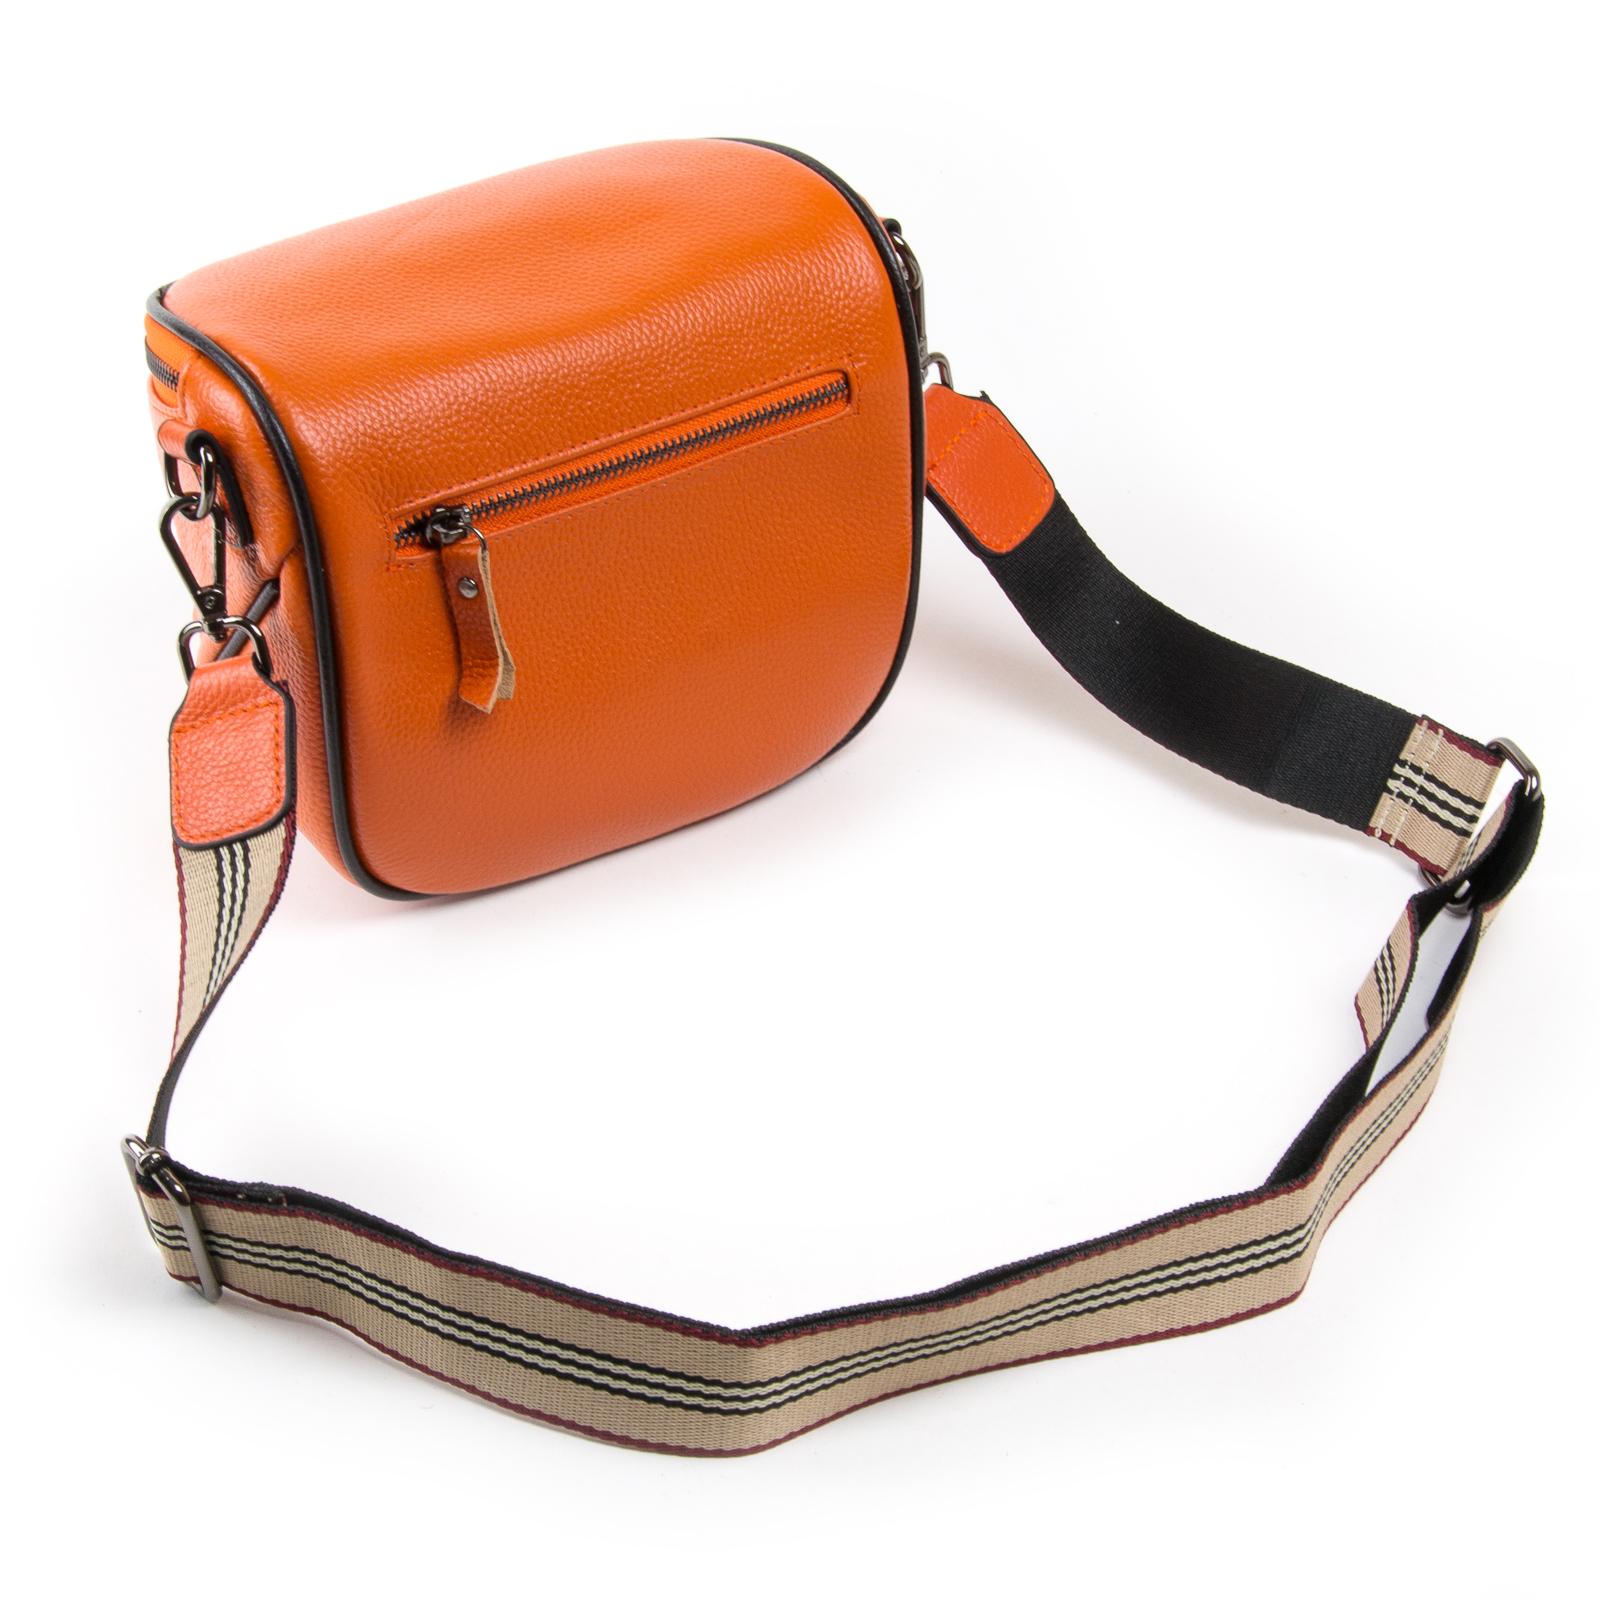 Сумка Женская Клатч кожа ALEX RAI 1-02 39031-10 orange - фото 3